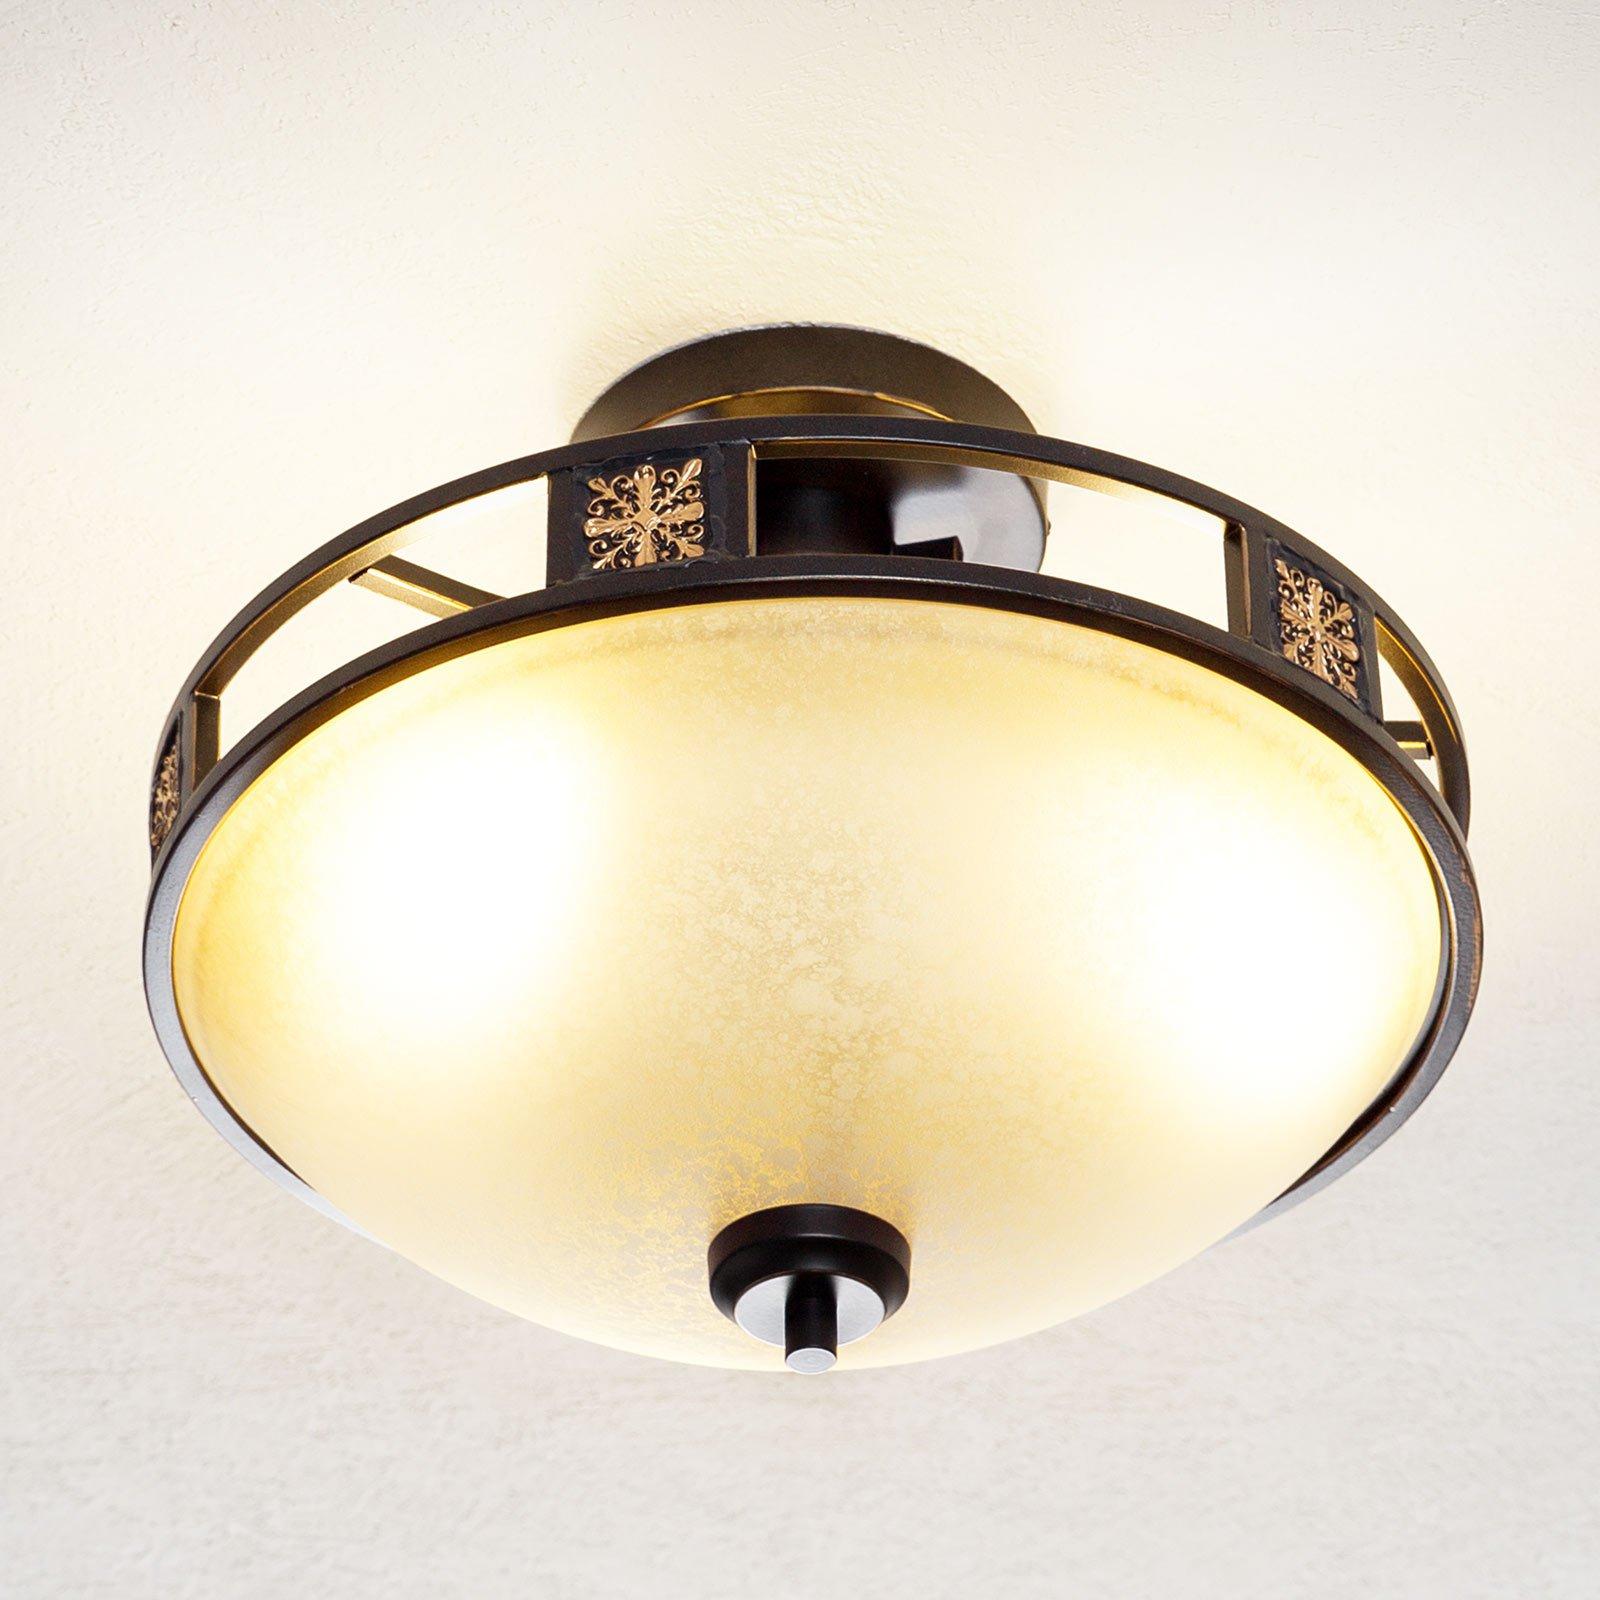 Antikk utformet taklampe Caecilia 42 cm